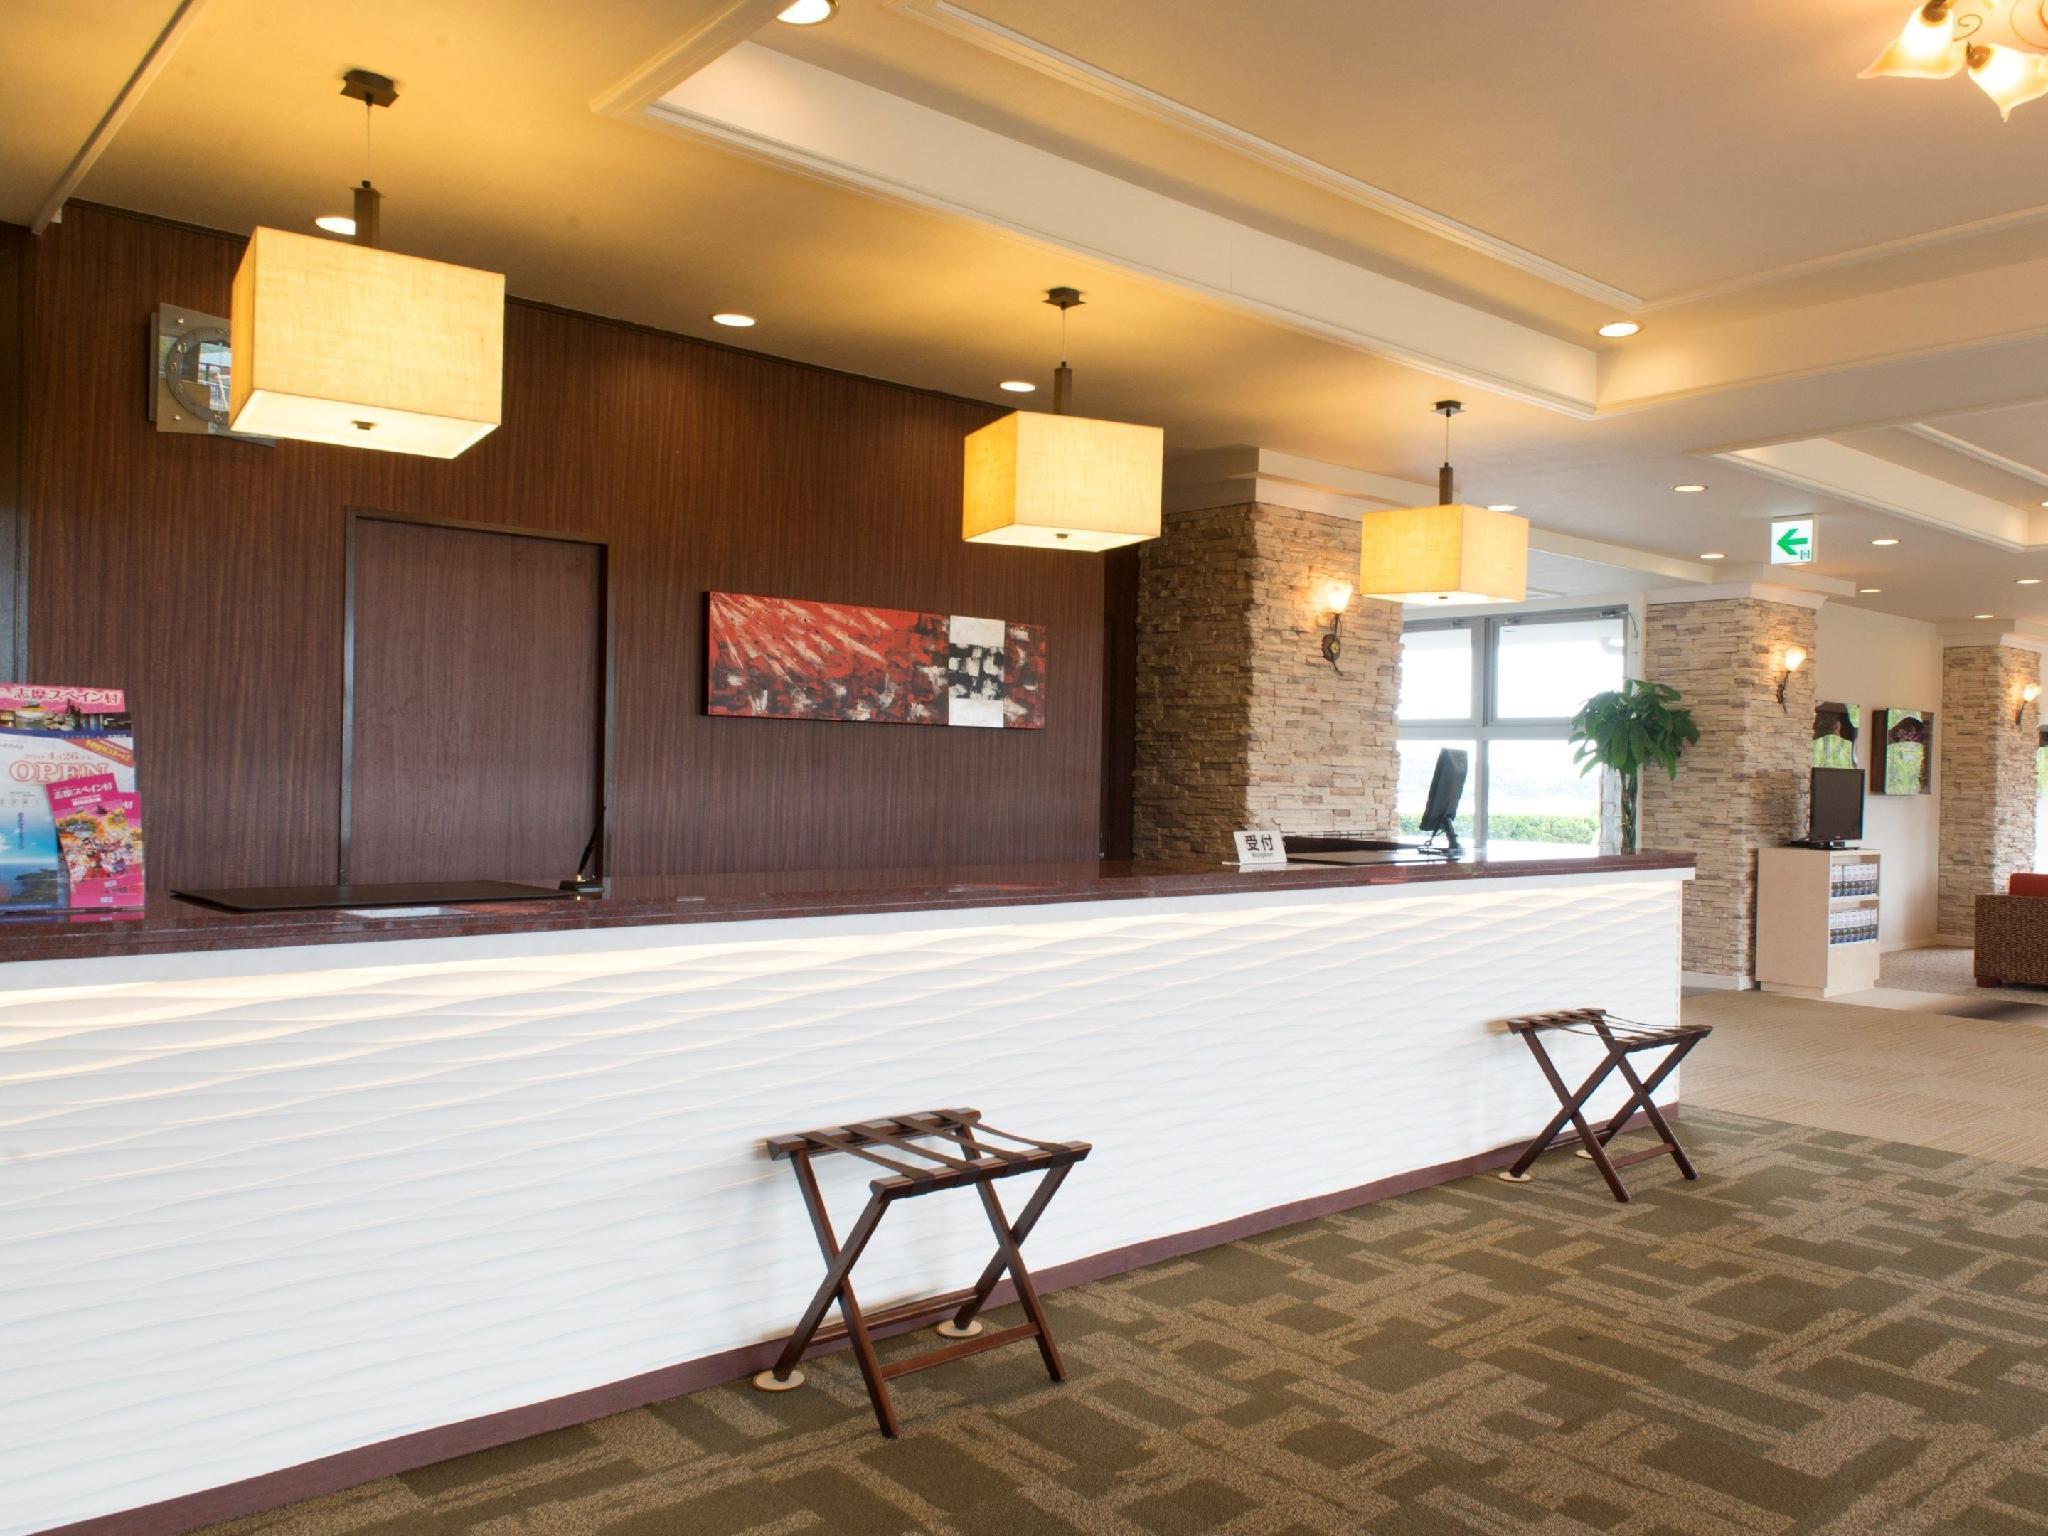 湯快リゾート 溫泉リゾートホテル 志摩彩朝楽 (Yukai Resort: Shima ...